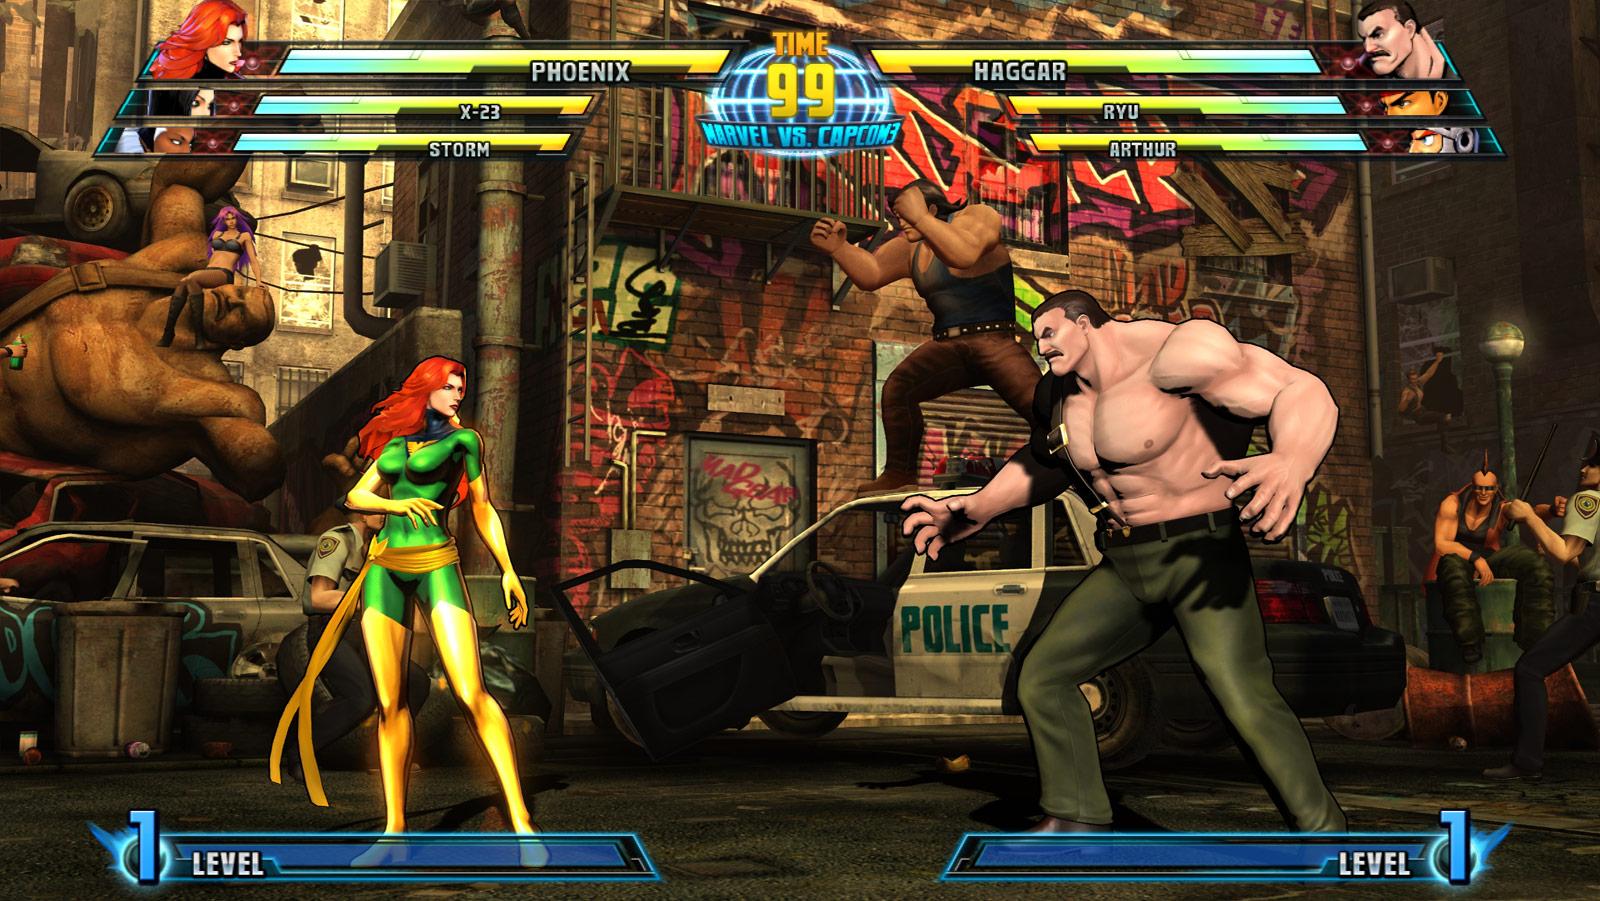 Phoenix and Haggar screen shots for Marvel vs. Capcom 3 #4